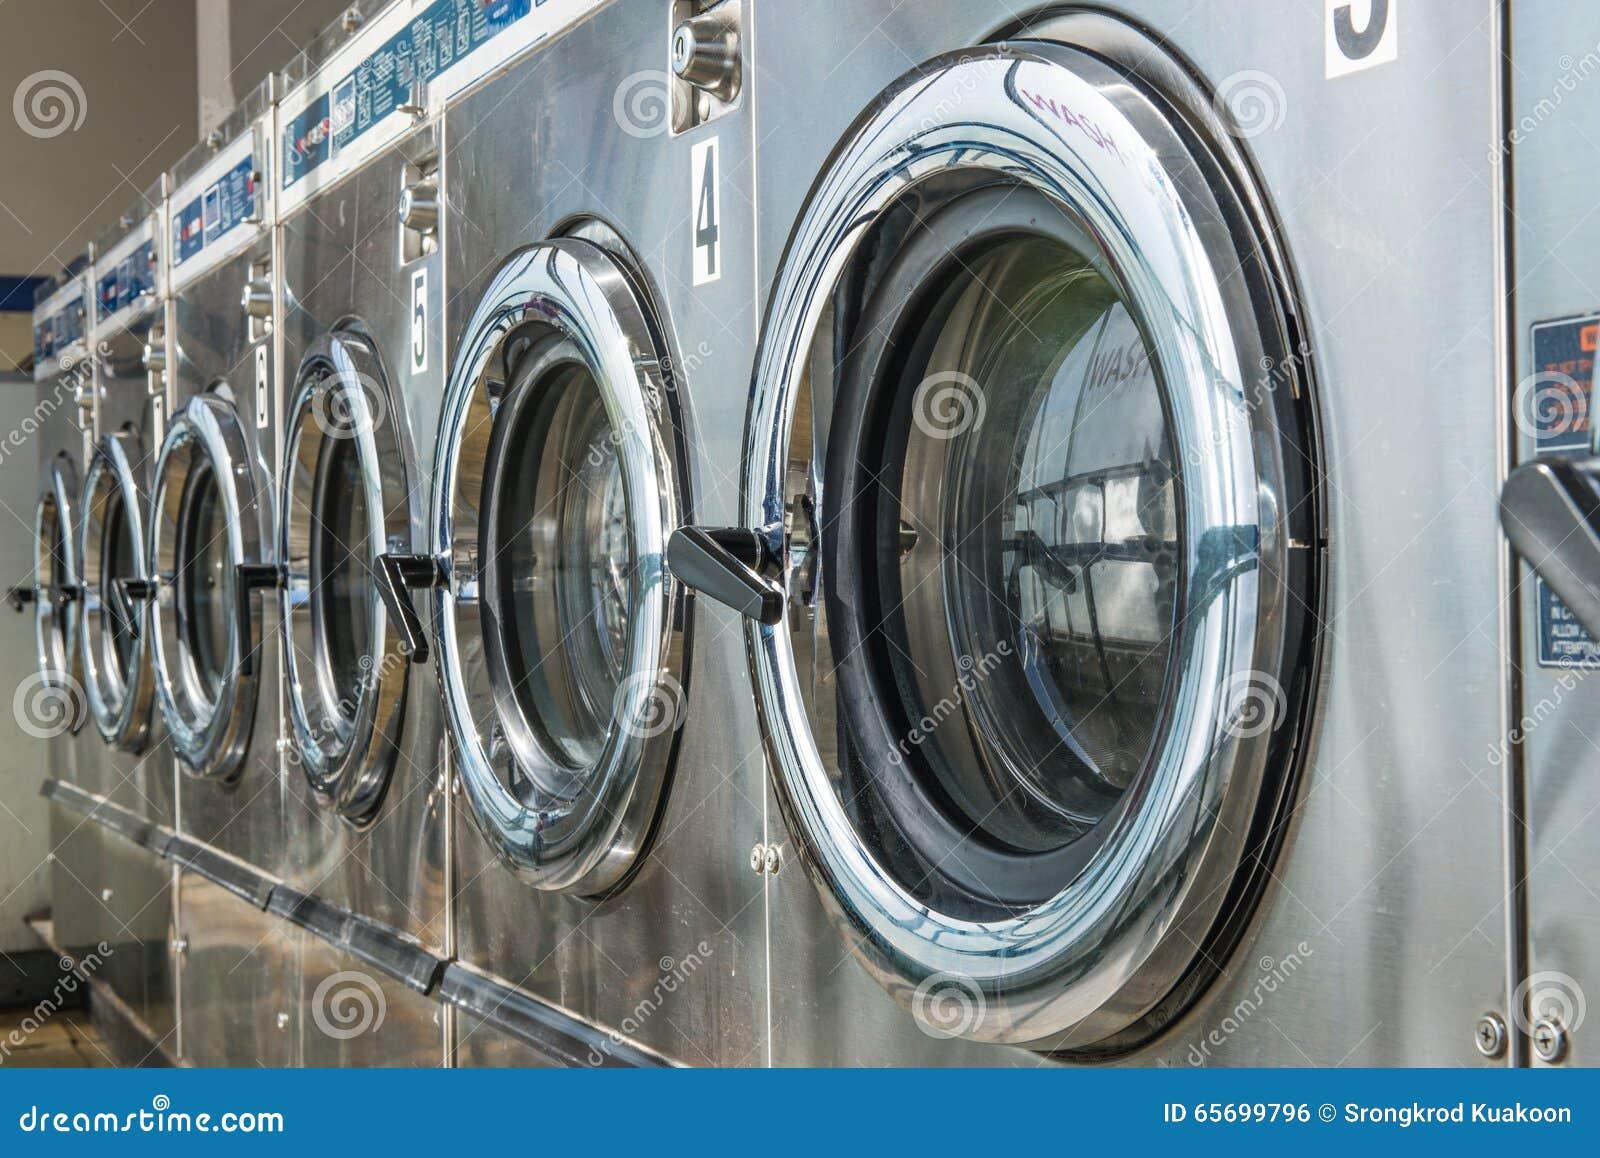 Machine de blanchisserie